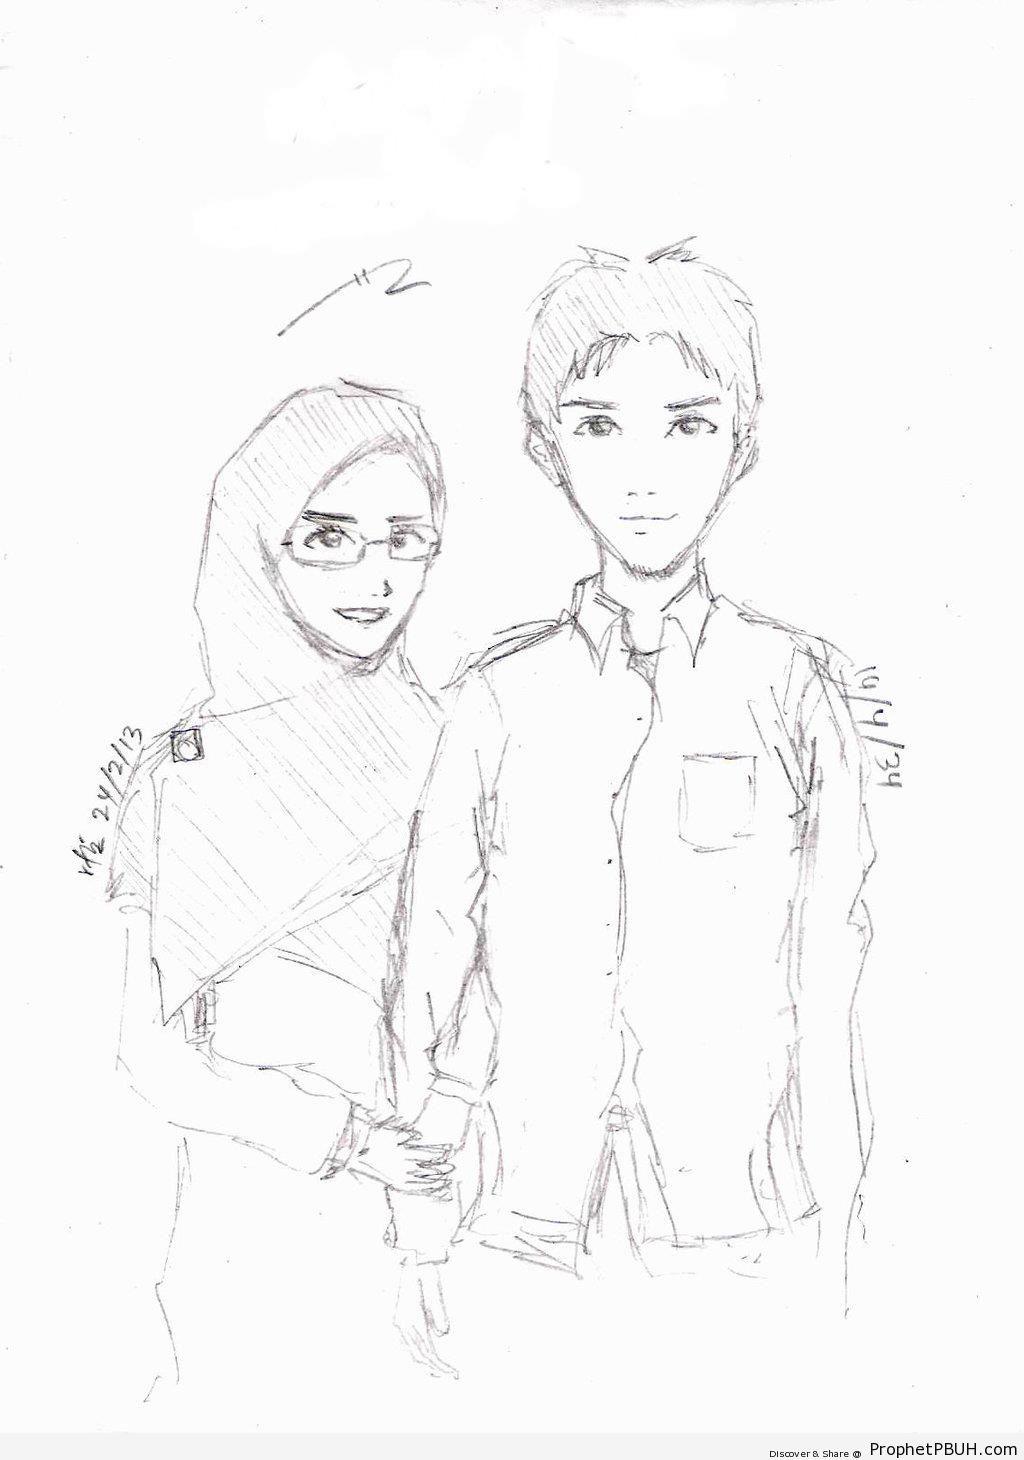 1024x1460 Muslim Couple (Pencil Drawing) Drawings Prophet Pbuh (Peace Be